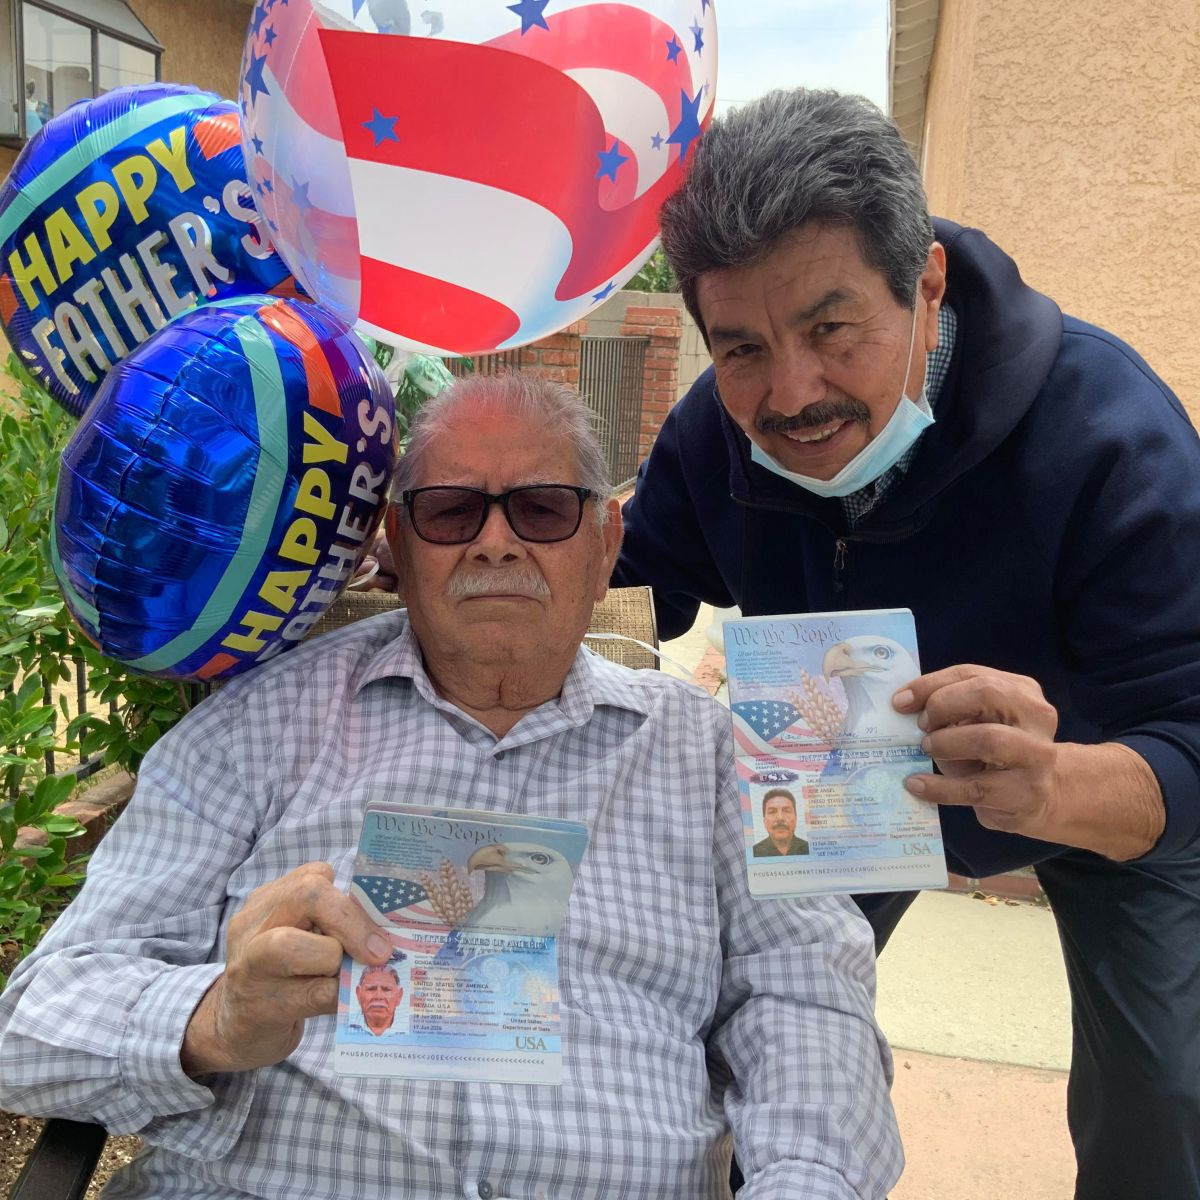 José Ángel Salas agradece a su padre José Salas que le haya dado la ciudadanía de EE.UU. (Cortesía Paulina Herrera)